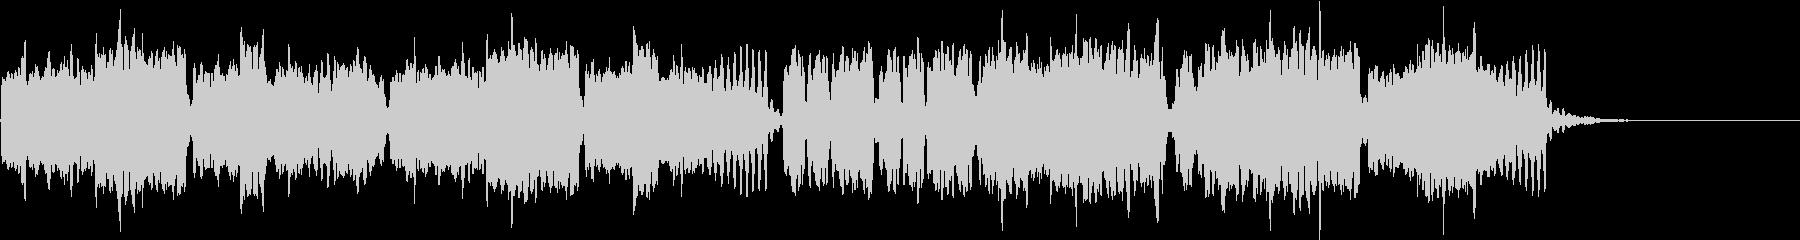 オーラ・リー ほのぼのリコーダーの未再生の波形